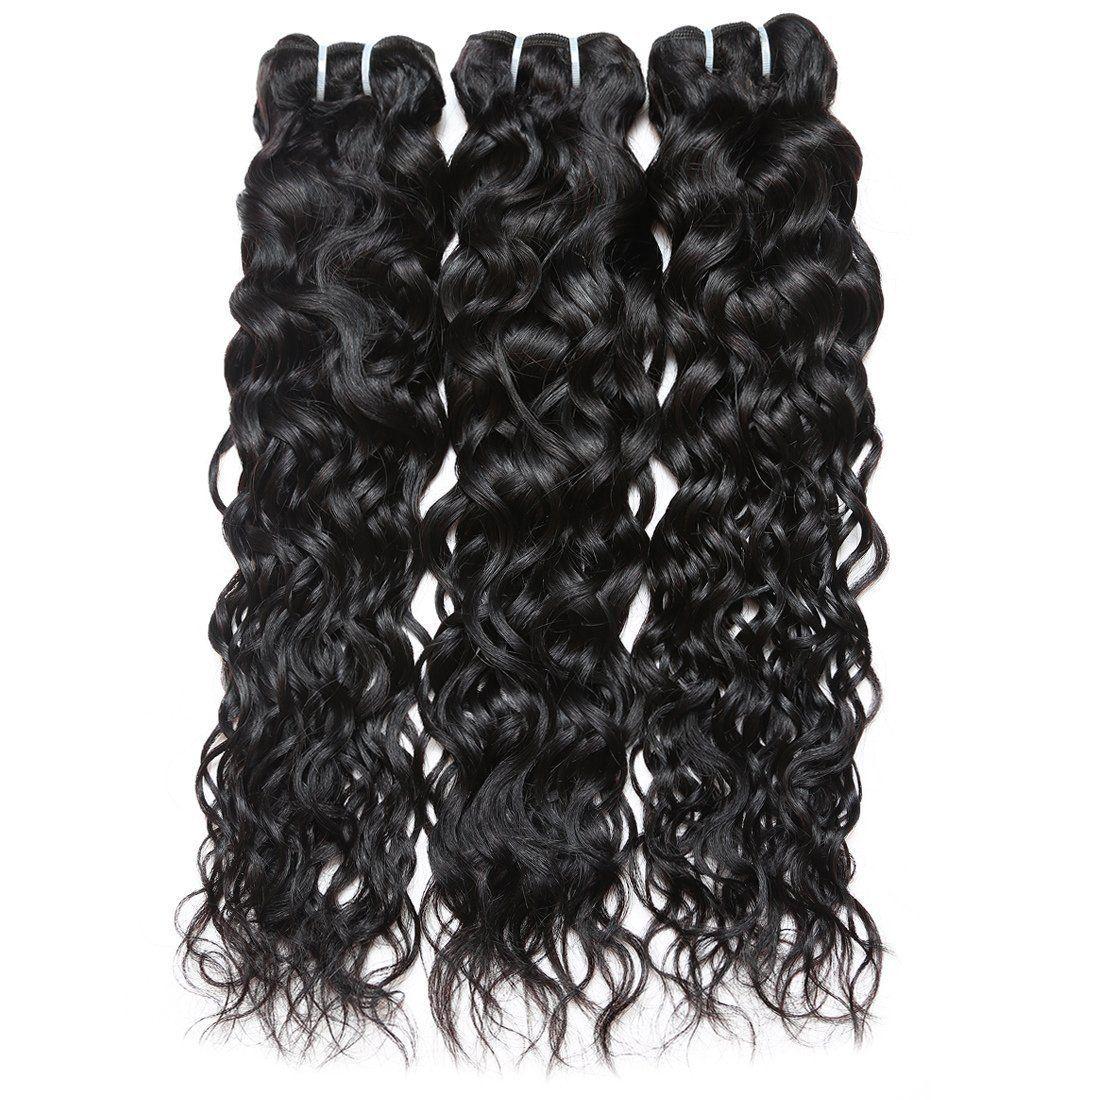 Human Virgin Hair Indian water wave Hair 3 Bundles 100% Unprocessed Human Hair Weave #virginhair